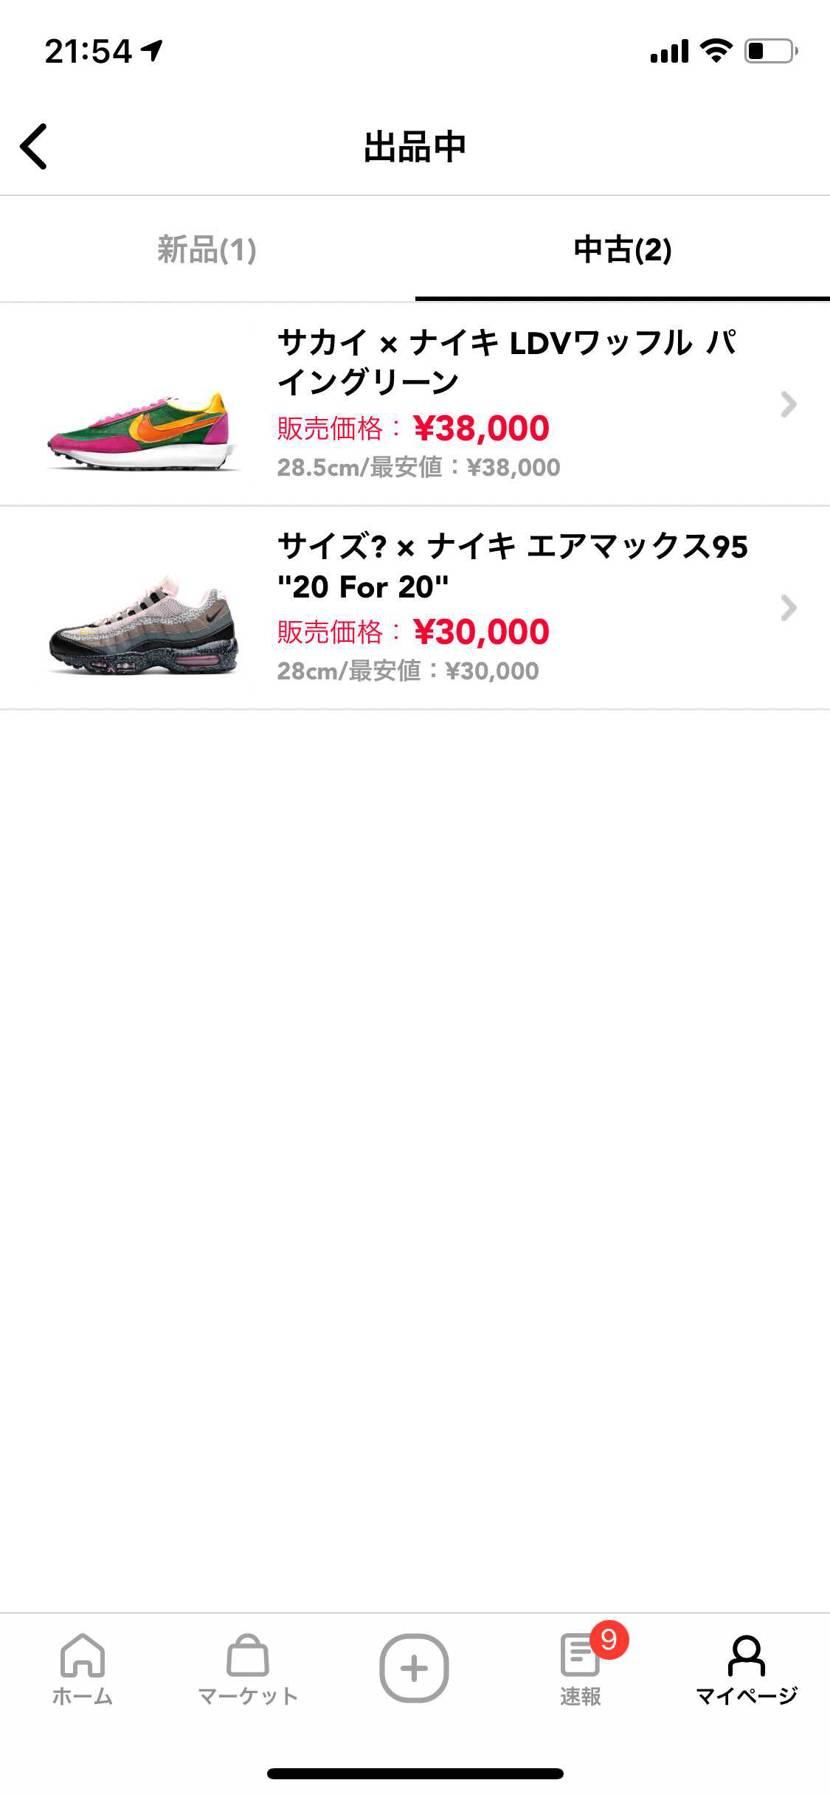 他の靴売れて送料浮くので6月2日まで値下げしてますー sacai パイングリー